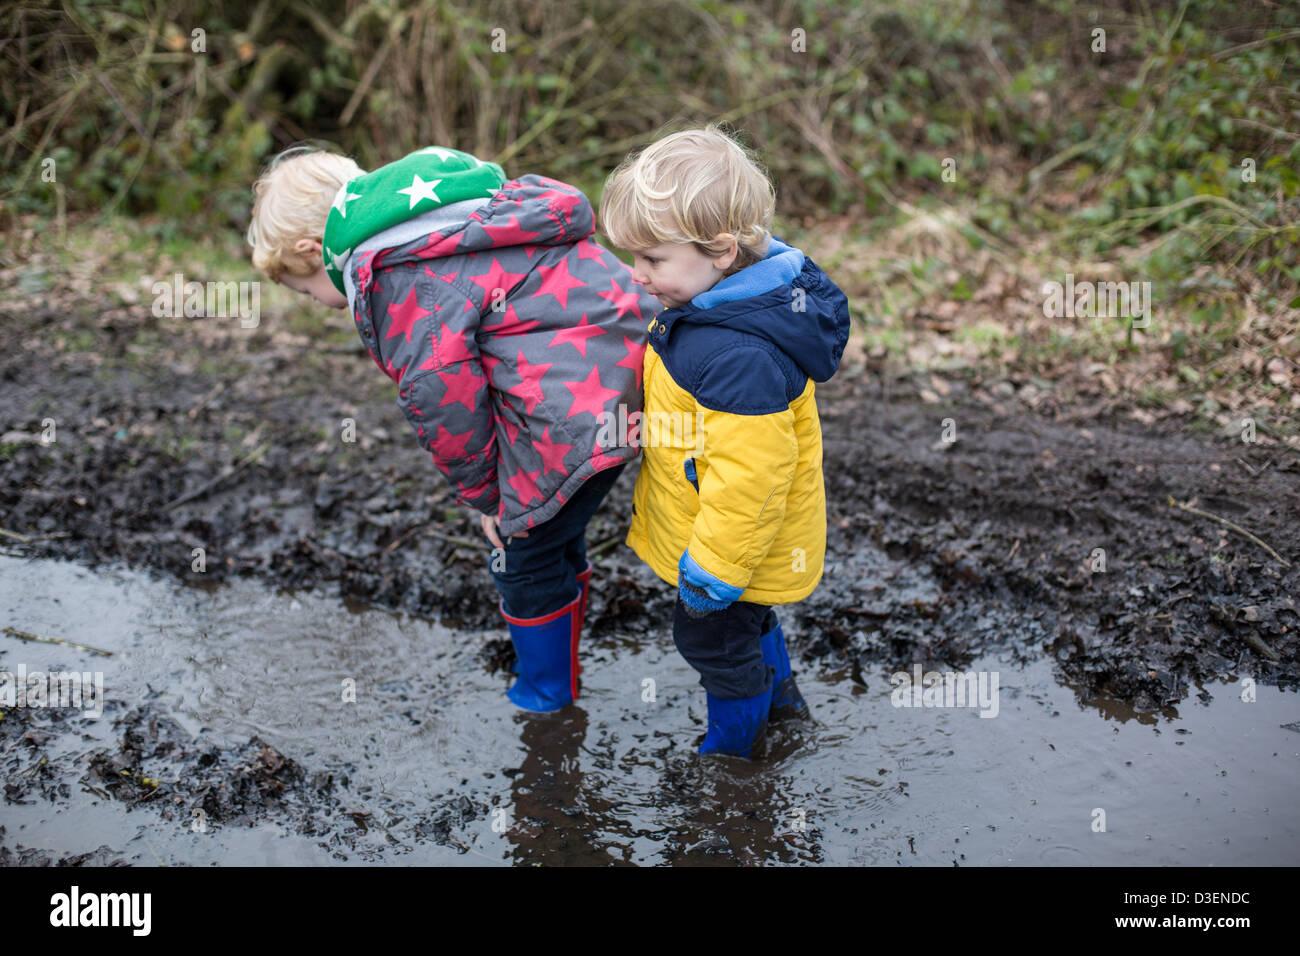 Children walking through Muddy Puddles - Stock Image